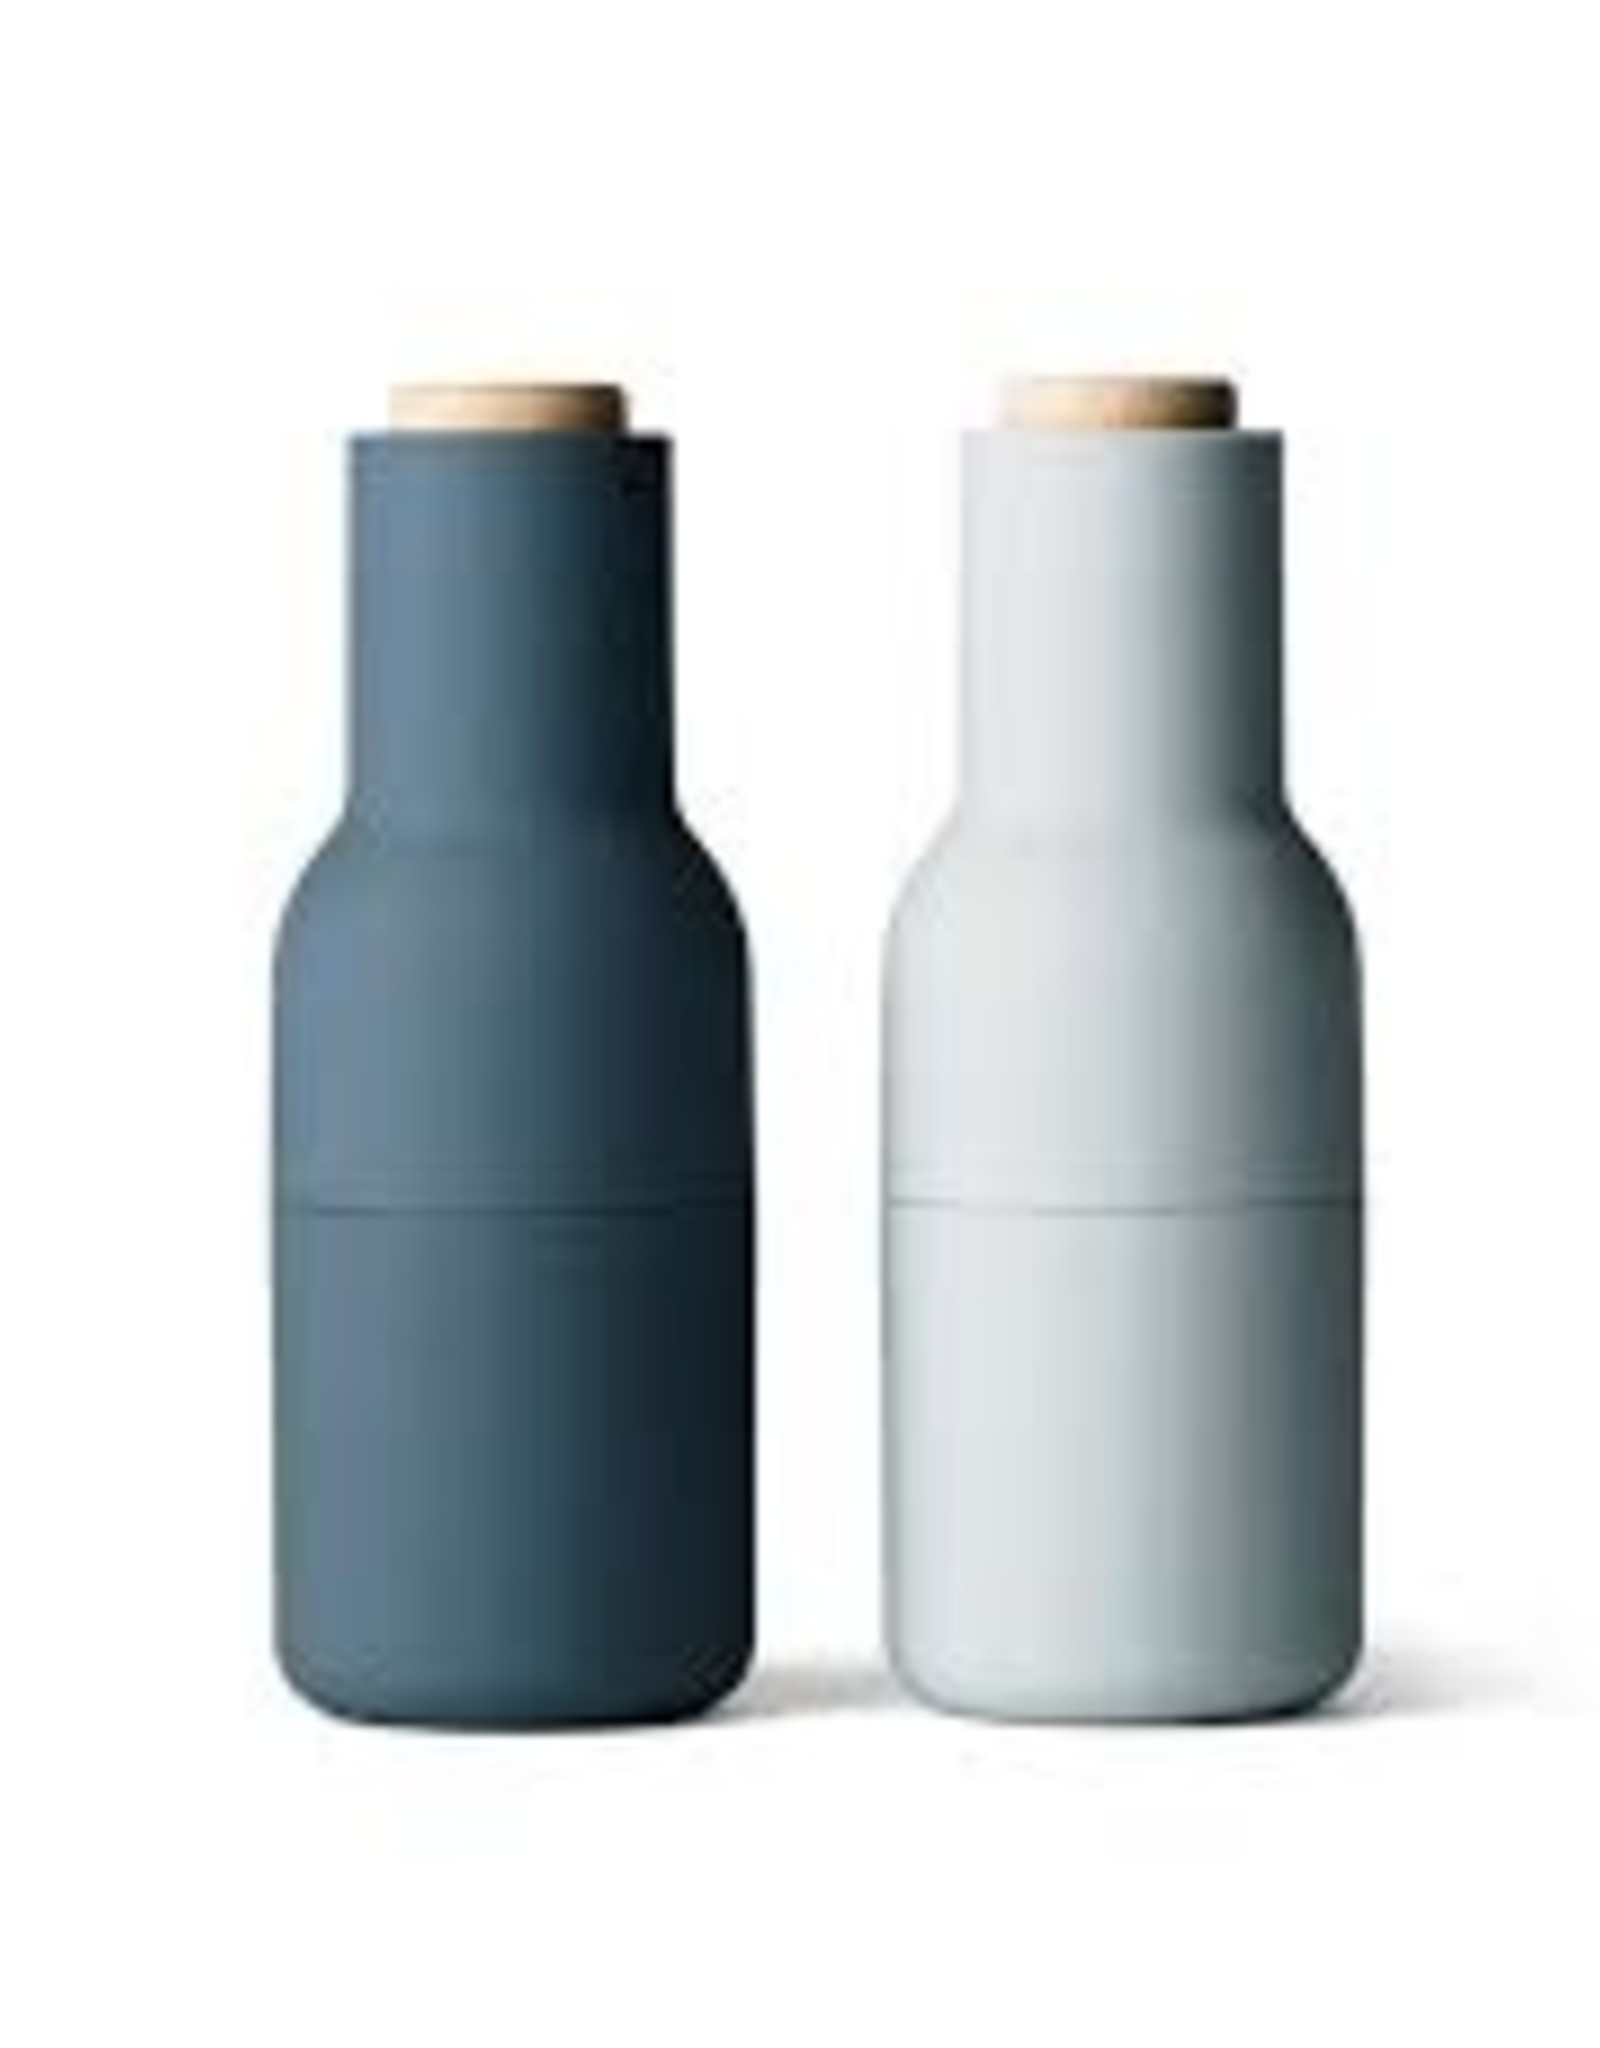 Menu - Bottle grinder - Peper-en Zoutmolen - Blues - Beuk - Set van 2